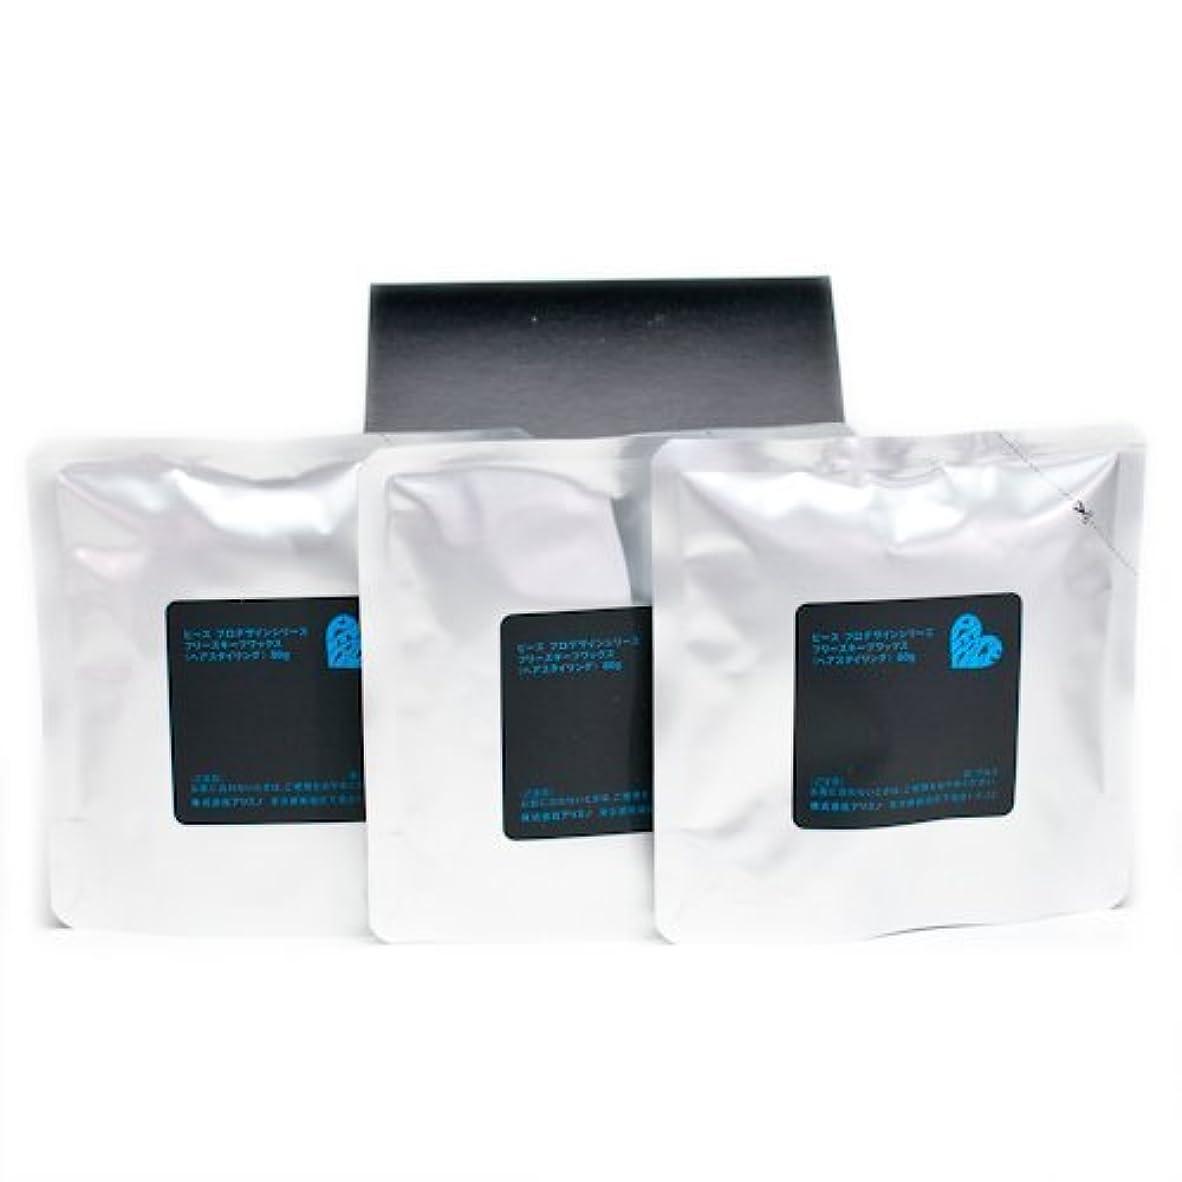 換気レタス発揮するアリミノ ピース フリーズキープワックス (ブラック)80g(業務?詰替用)×3個入り